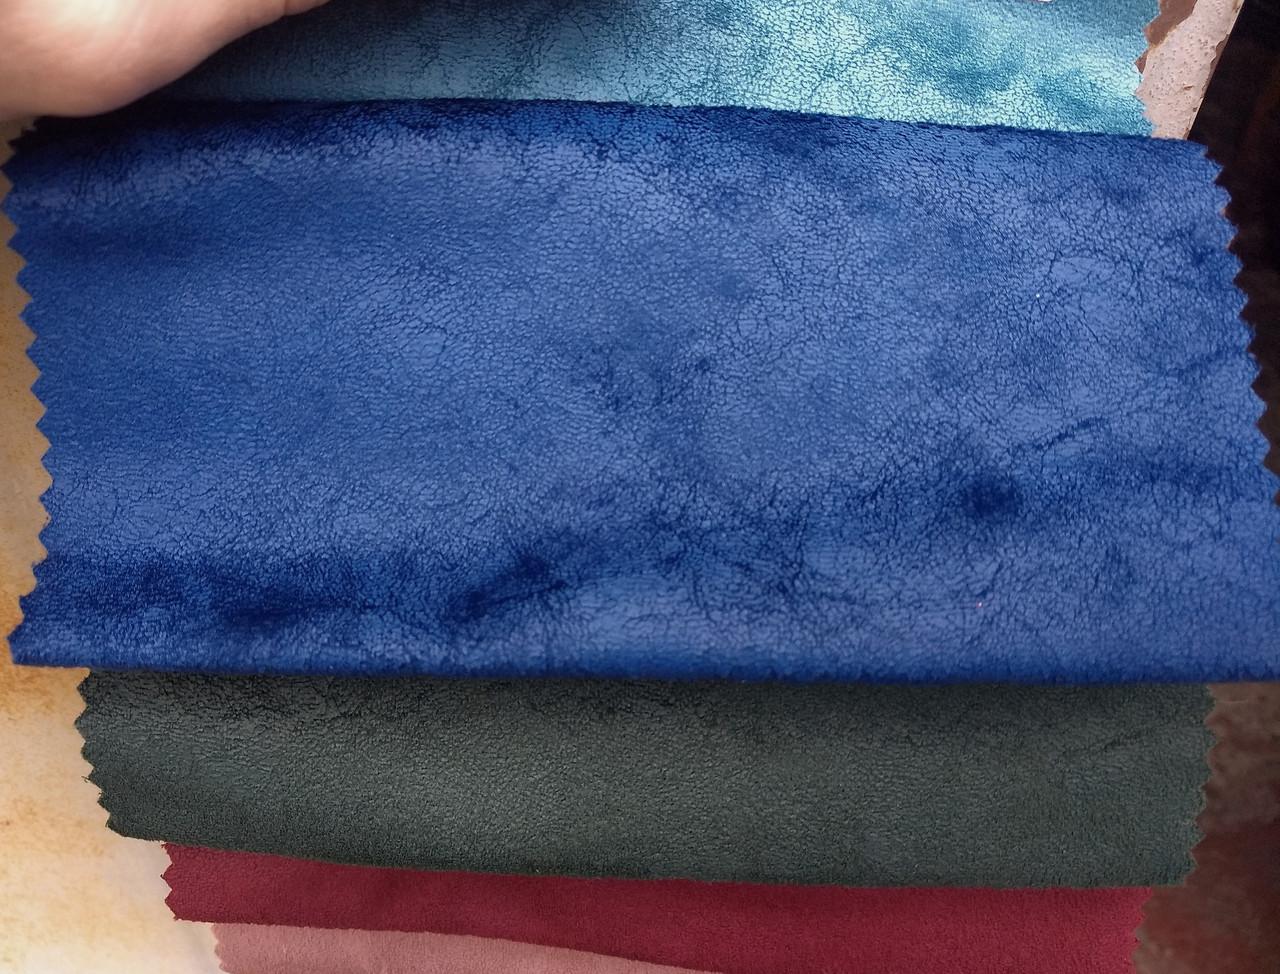 Обивочная влагоотталкивающая ткань Гелекси 9 блу (GALAXY 9 BLUE)